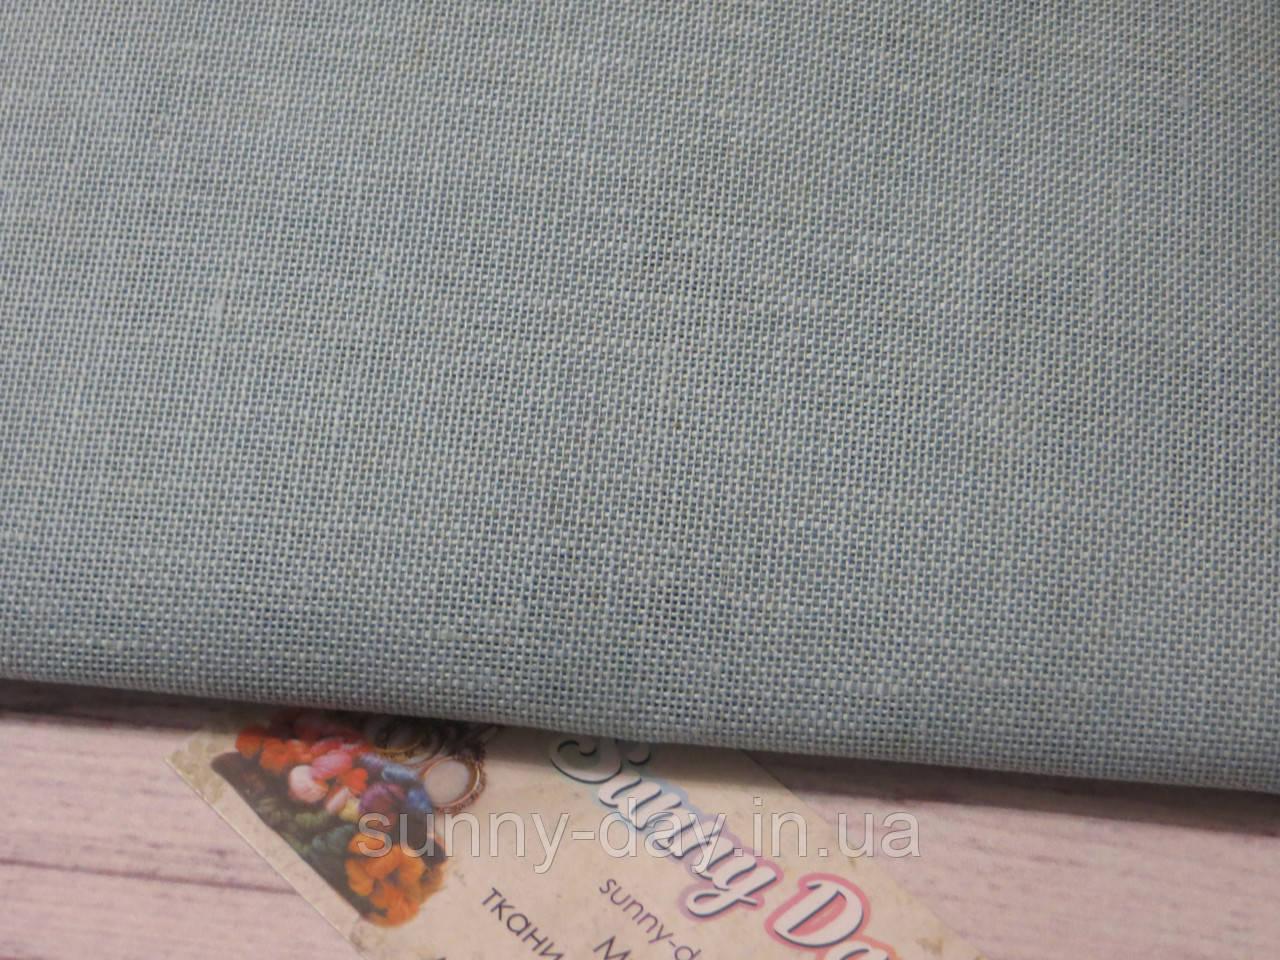 Ткань равномерного плетения купить ткань с люрексом купить интернет магазин розница